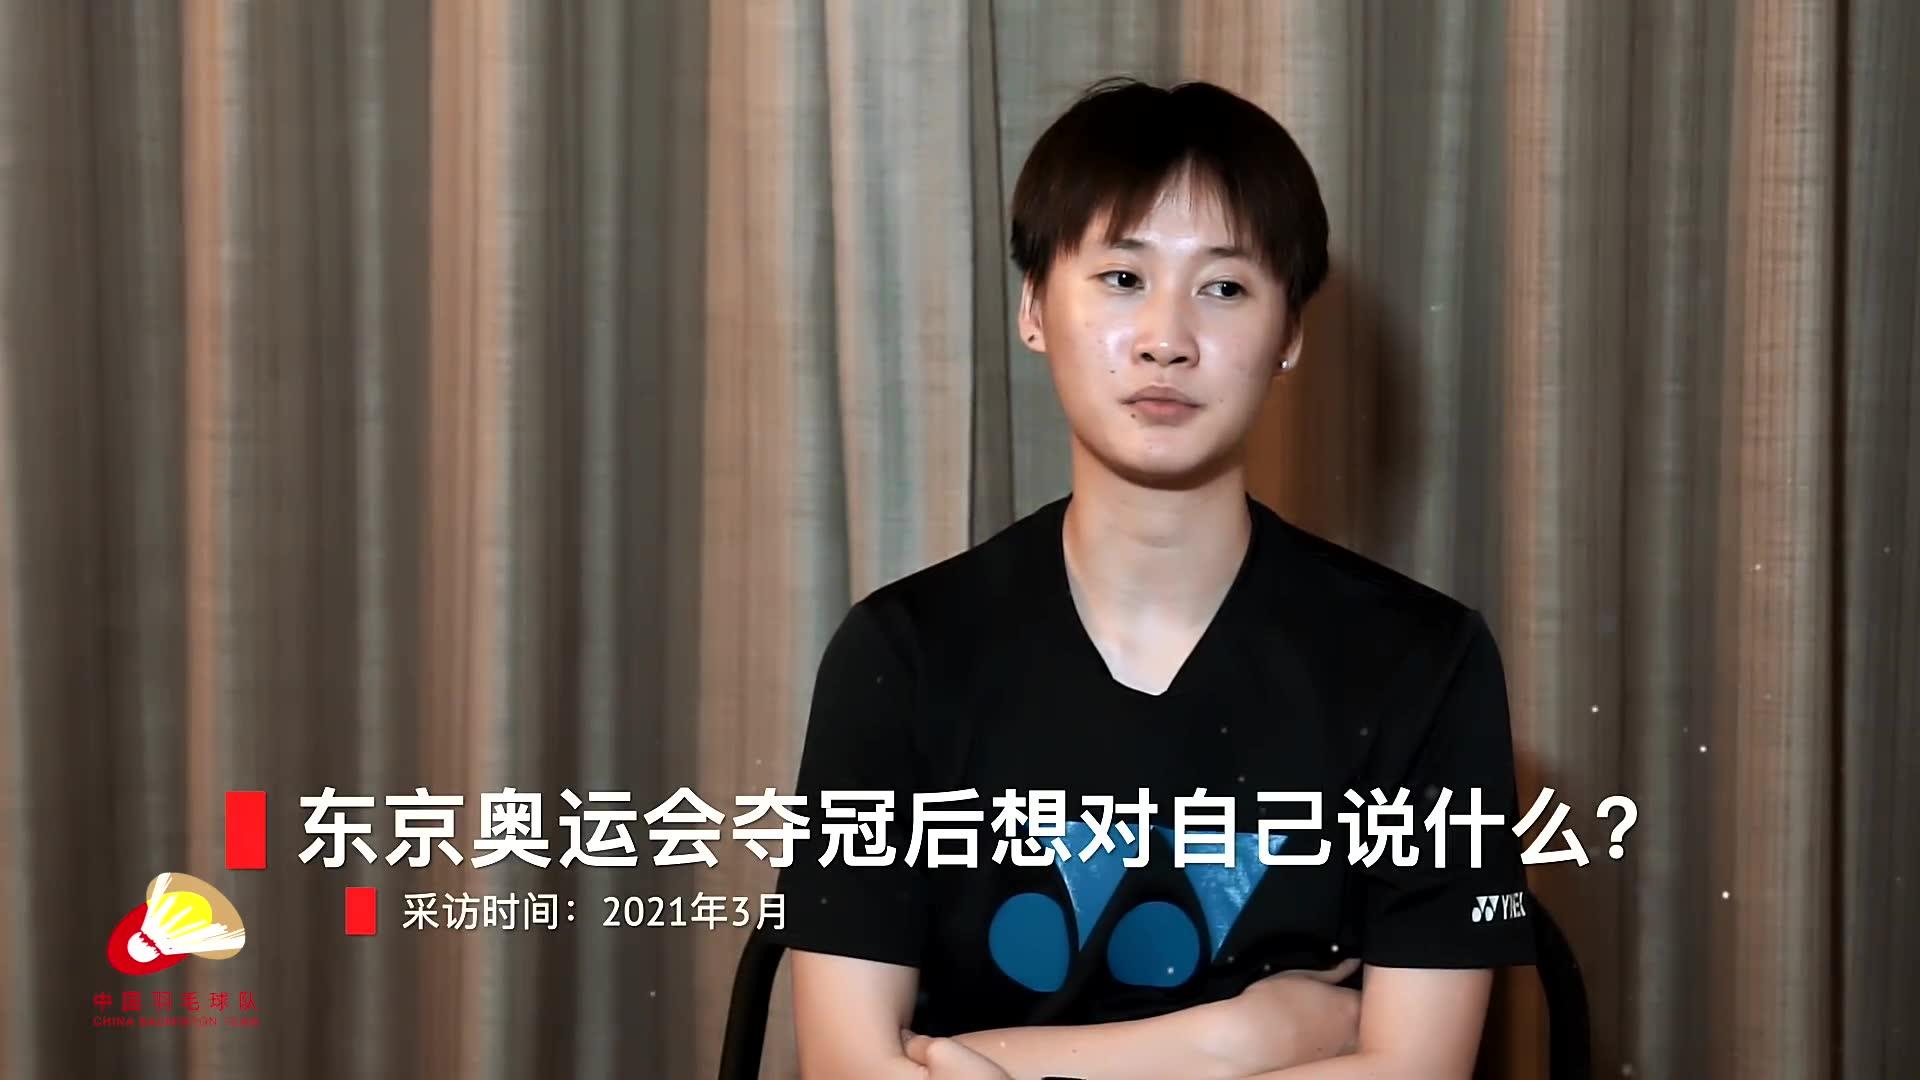 陈雨菲冠军之路:不要骄傲、不忘初心